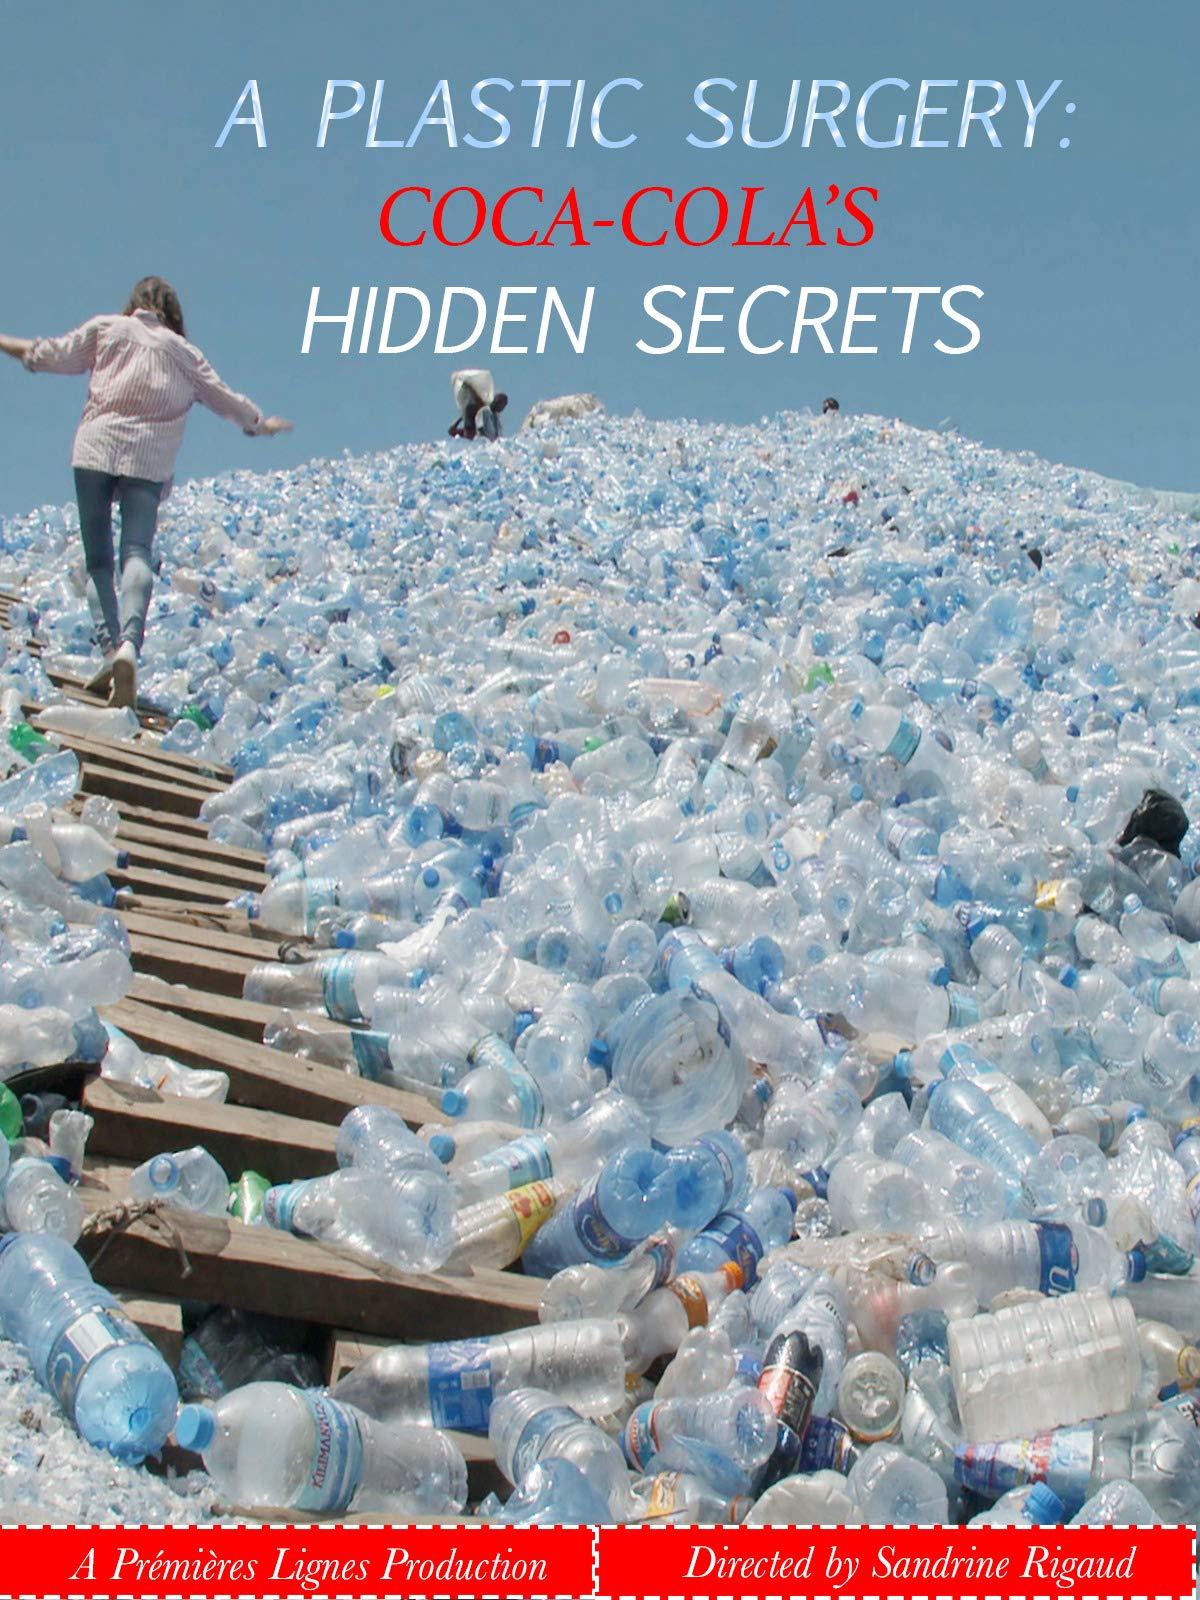 A Plastic Surgery: Coca Cola's Hidden Secrets on Amazon Prime Instant Video UK